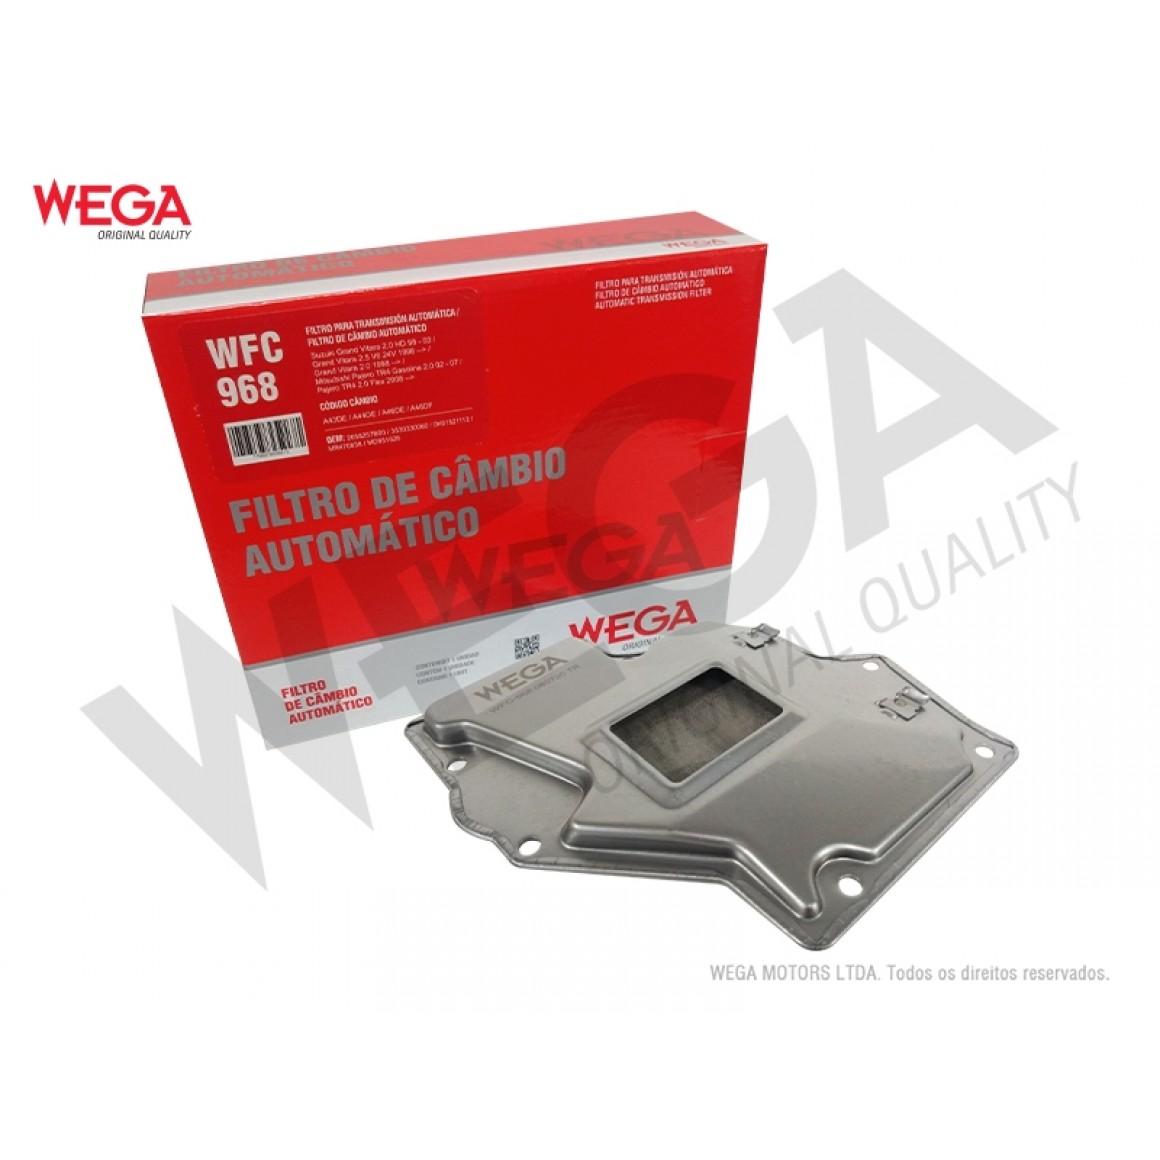 Filtro Câmbio Automático Pajero TR4 Grand Vitara Wega Wfc968